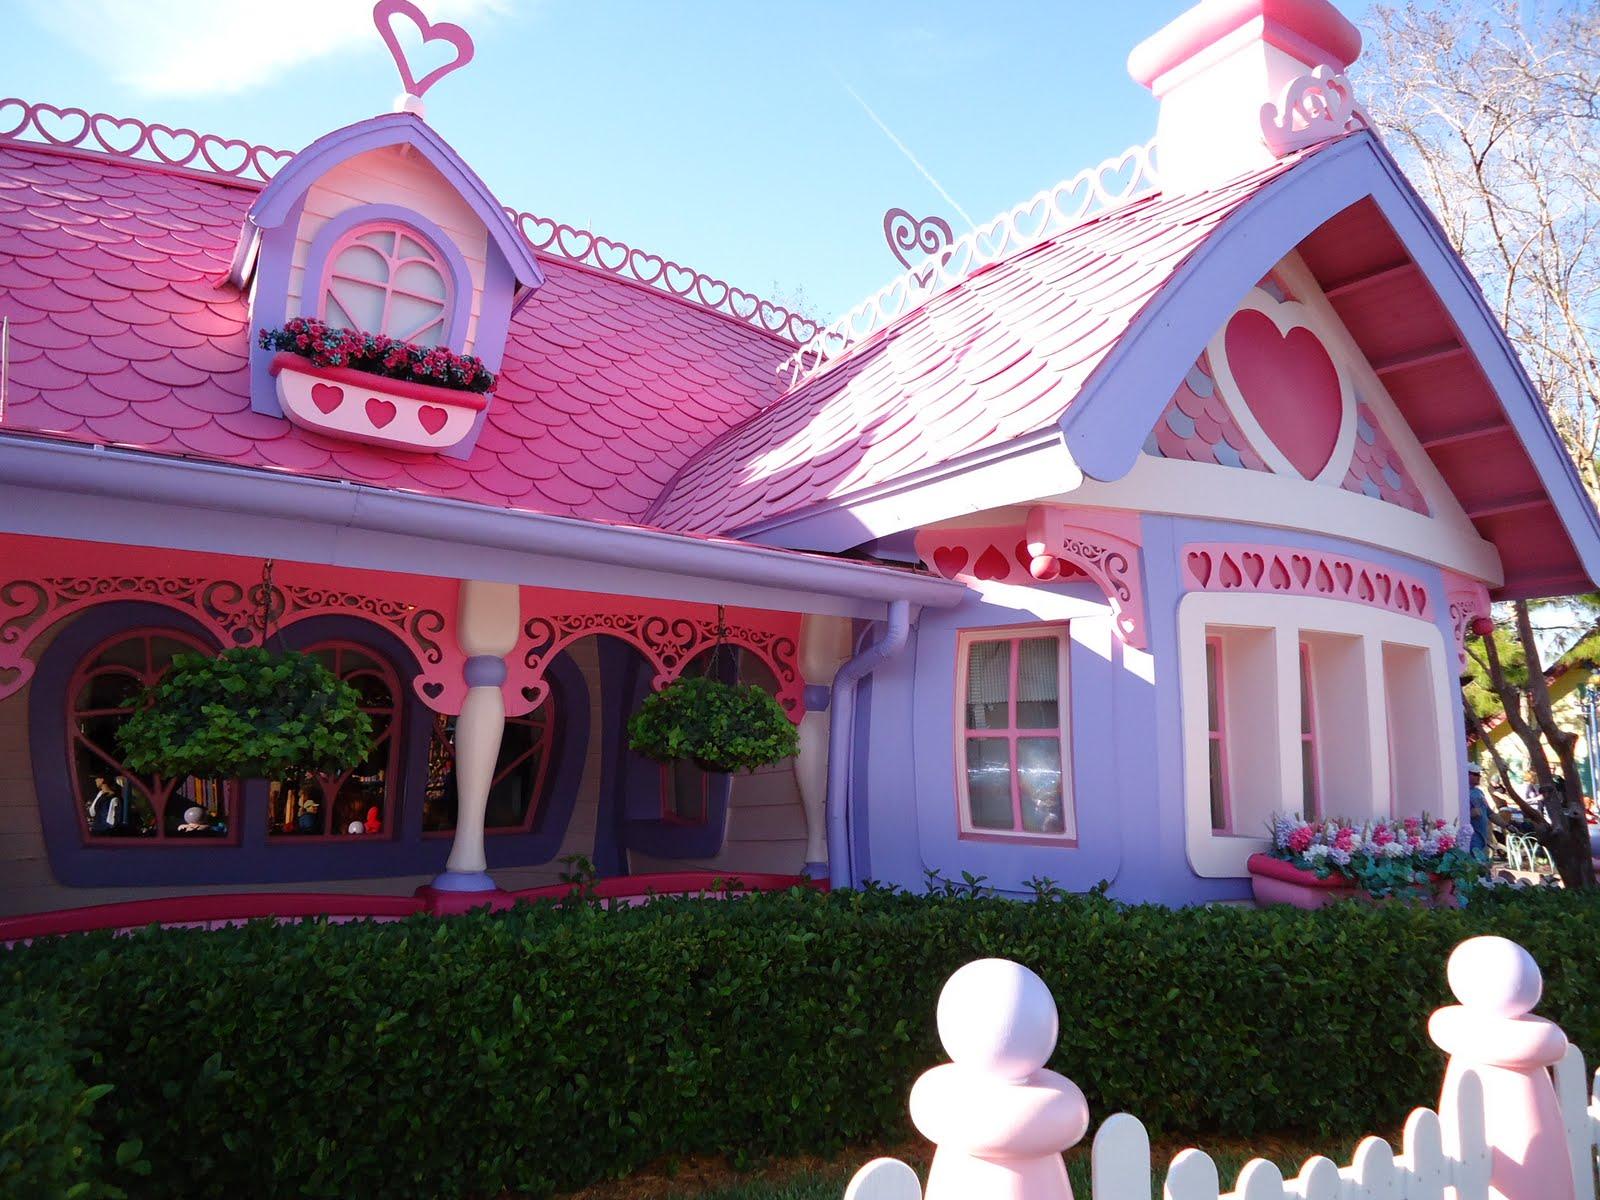 Princesa nath casa da princesa - Casas de princesas ...